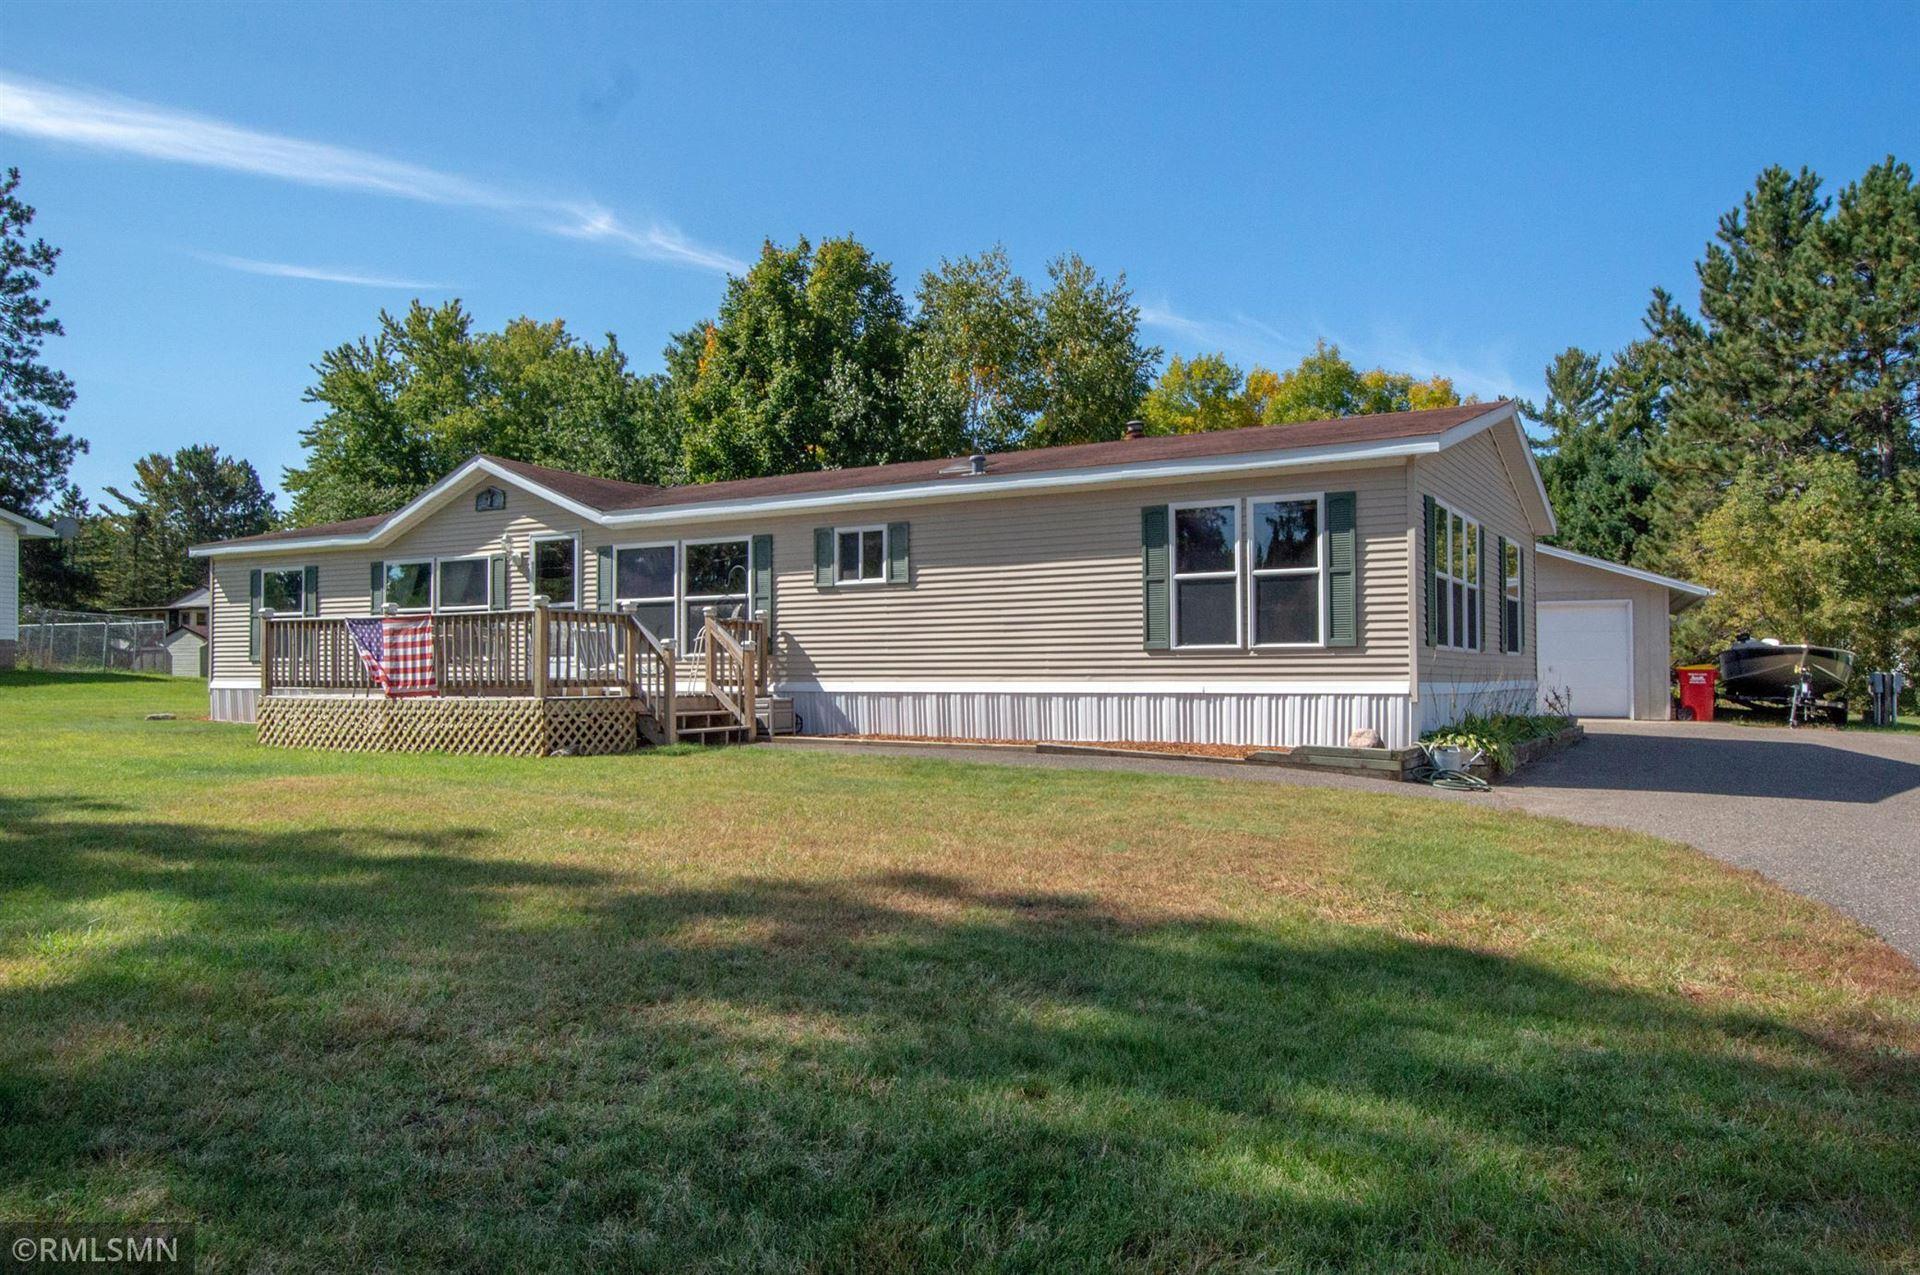 30673 Rasmussen Road, Pequot Lakes, MN 56472 - MLS#: 5660901